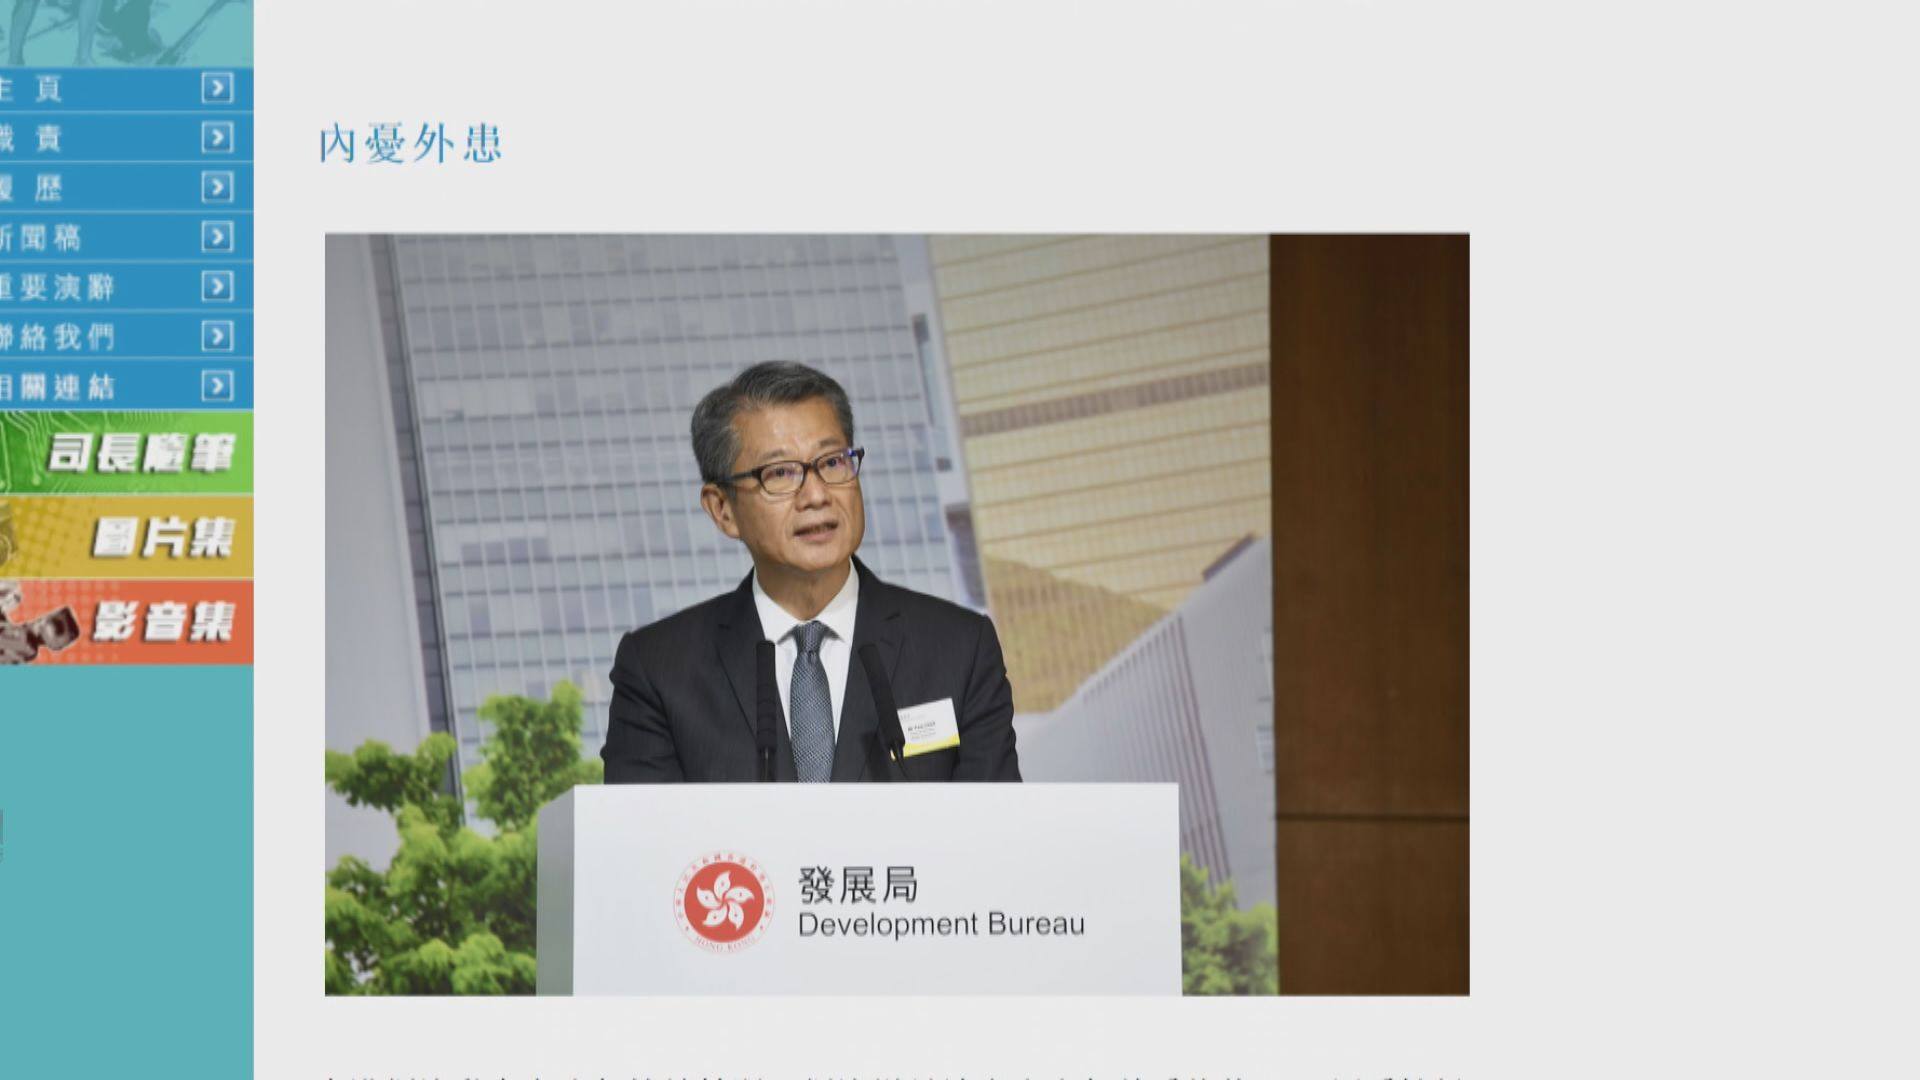 陳茂波﹕將為經濟增長預測進行中期覆檢